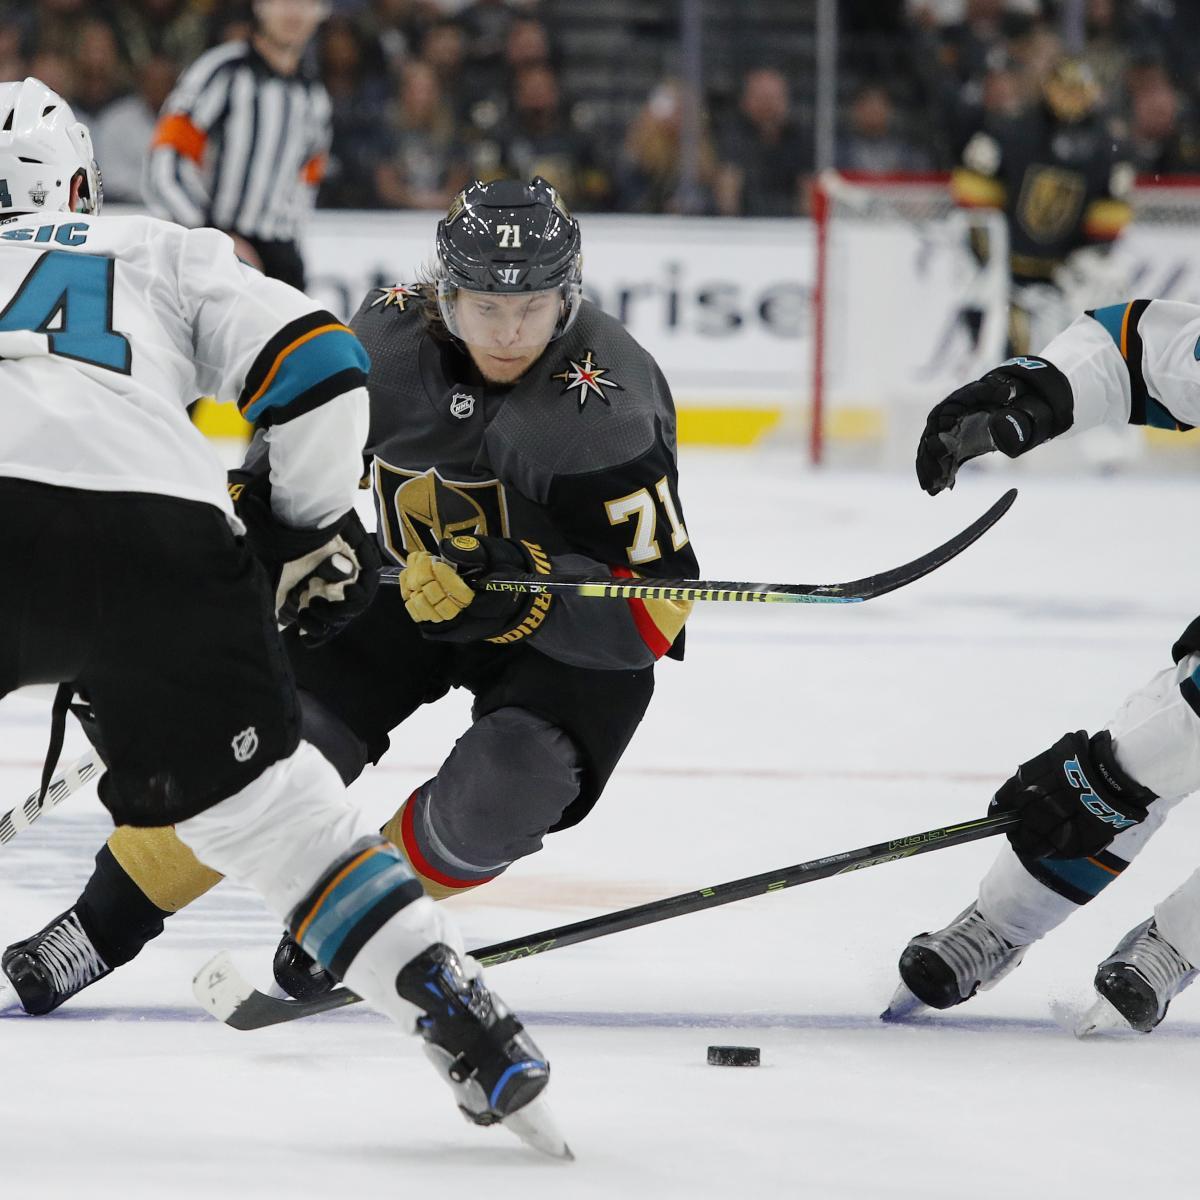 NHL Playoff Bracket 2019: Round-by-Round Schedule, Dates